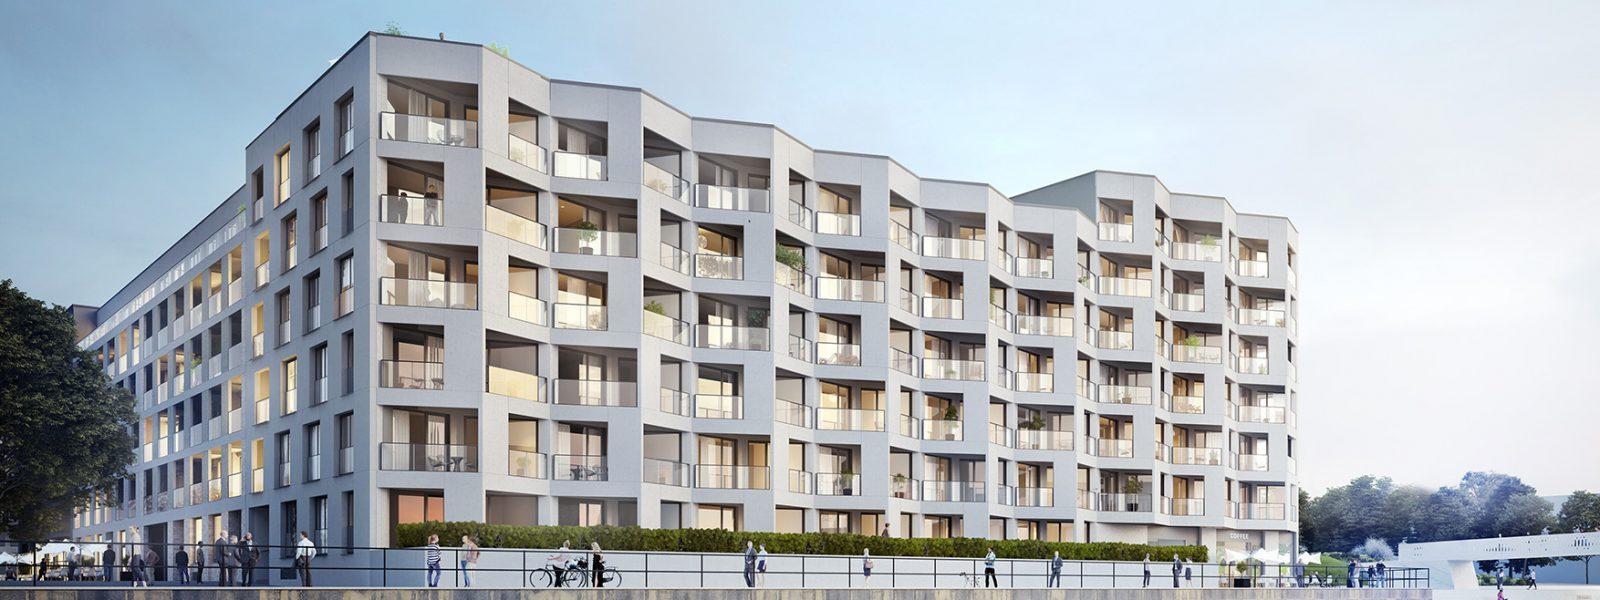 宽敞的公寓位于柏林市中心